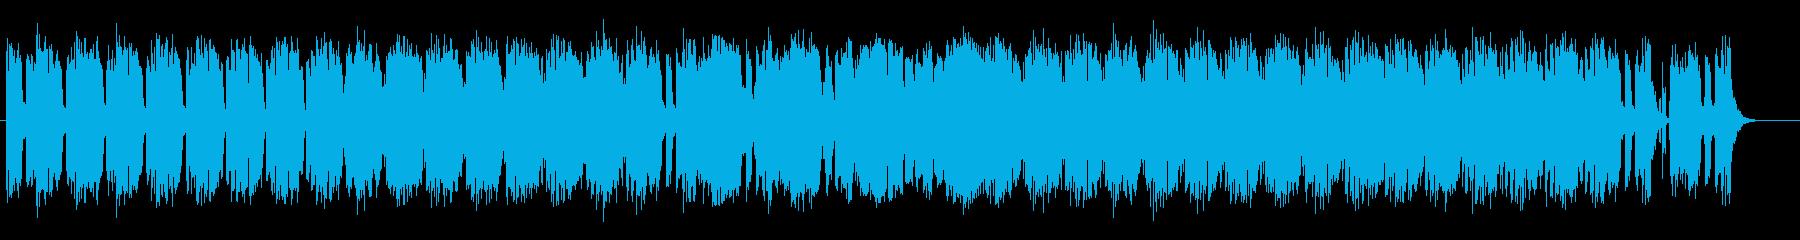 ダークで魅惑的なミュージックの再生済みの波形